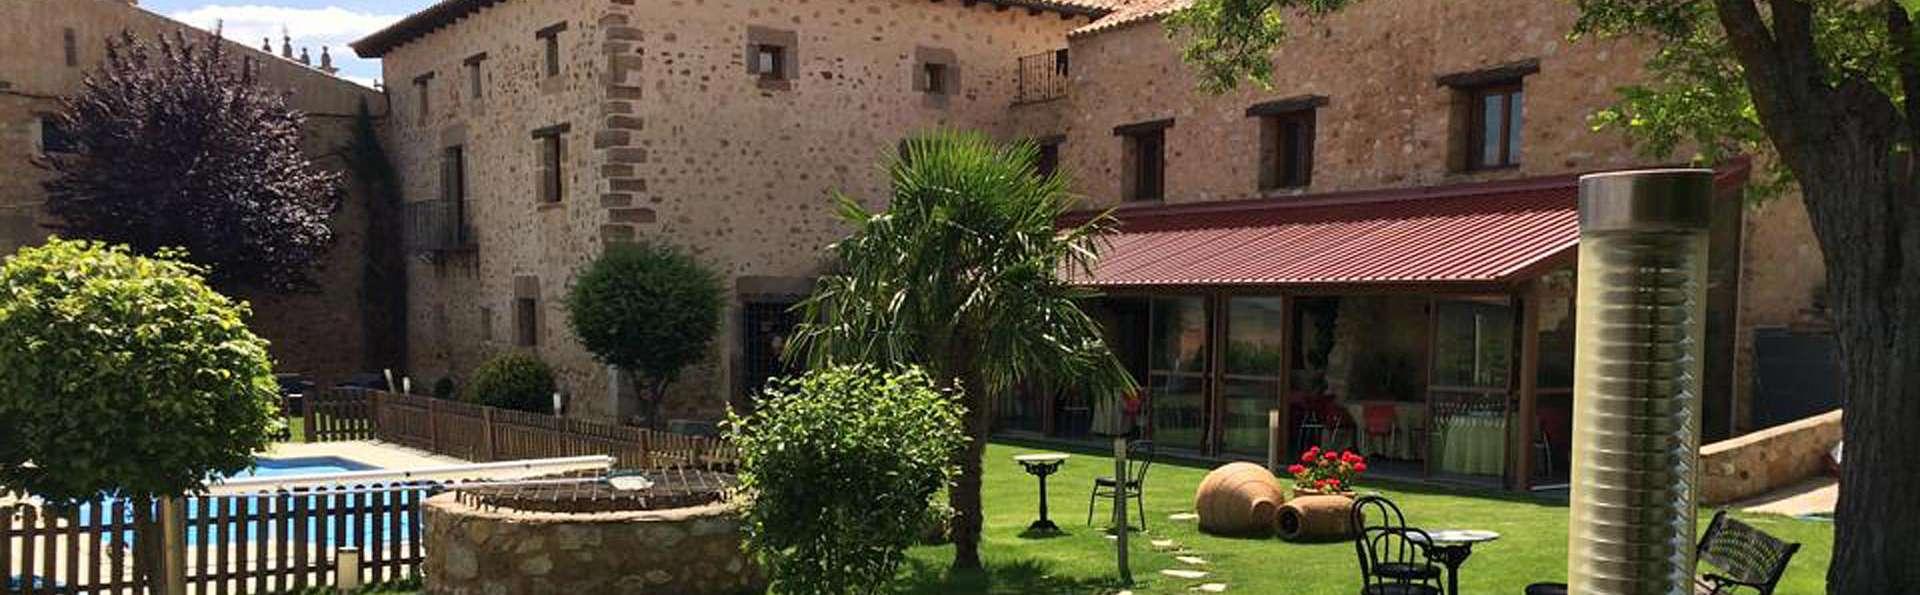 Antiguo Palacio de Atienza - edit_garden1.jpg